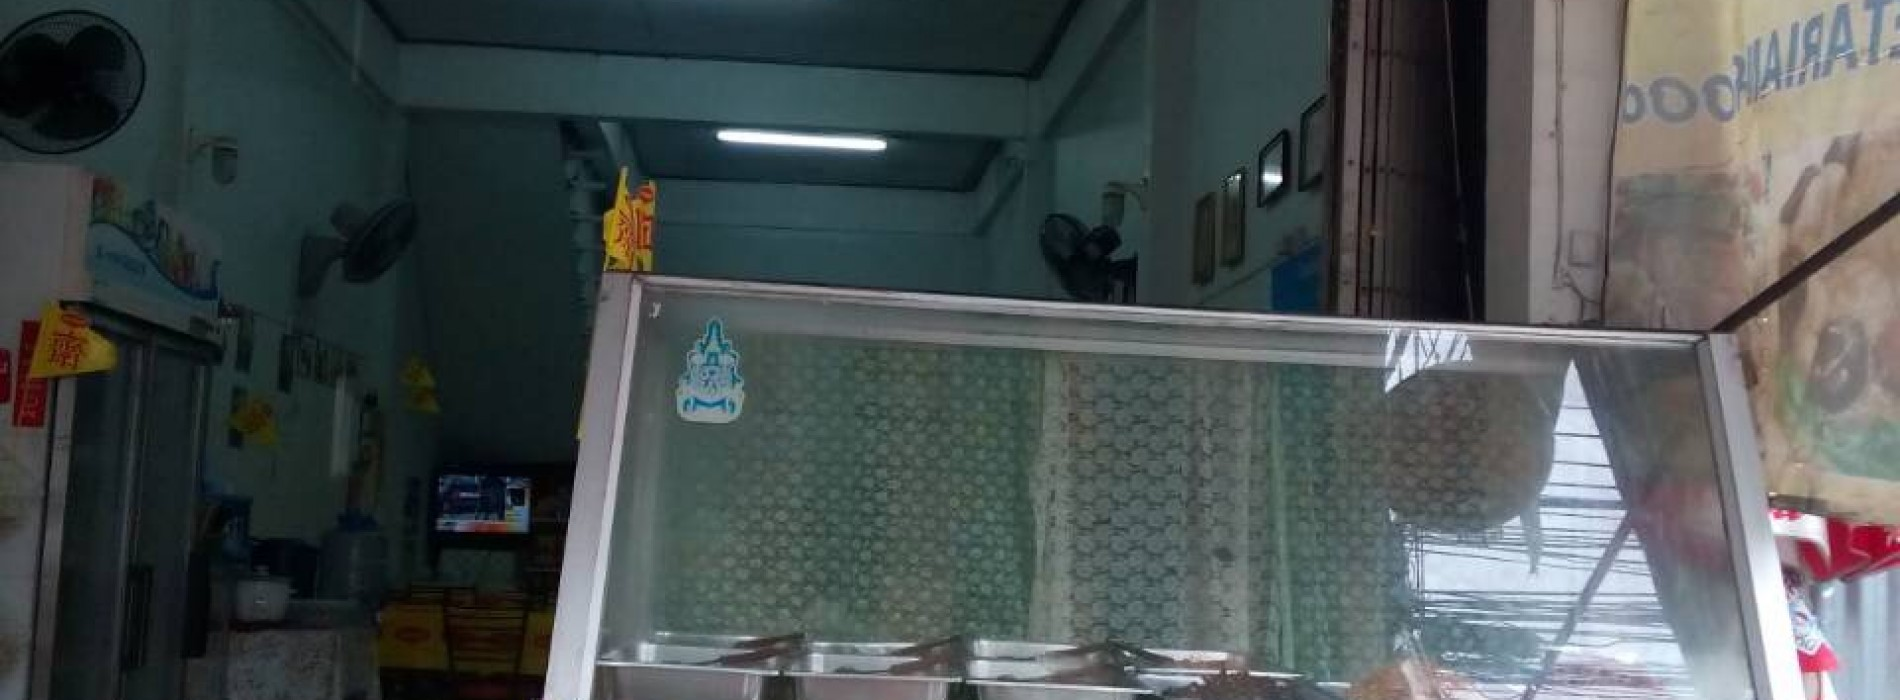 ร้านอาหารเจ อุดรอุดรธานี ร้านอาหารเจ หมีเล่อฝอ ตรงข้ามโรงเรียนอุดรวิทยา(รร.จีน)